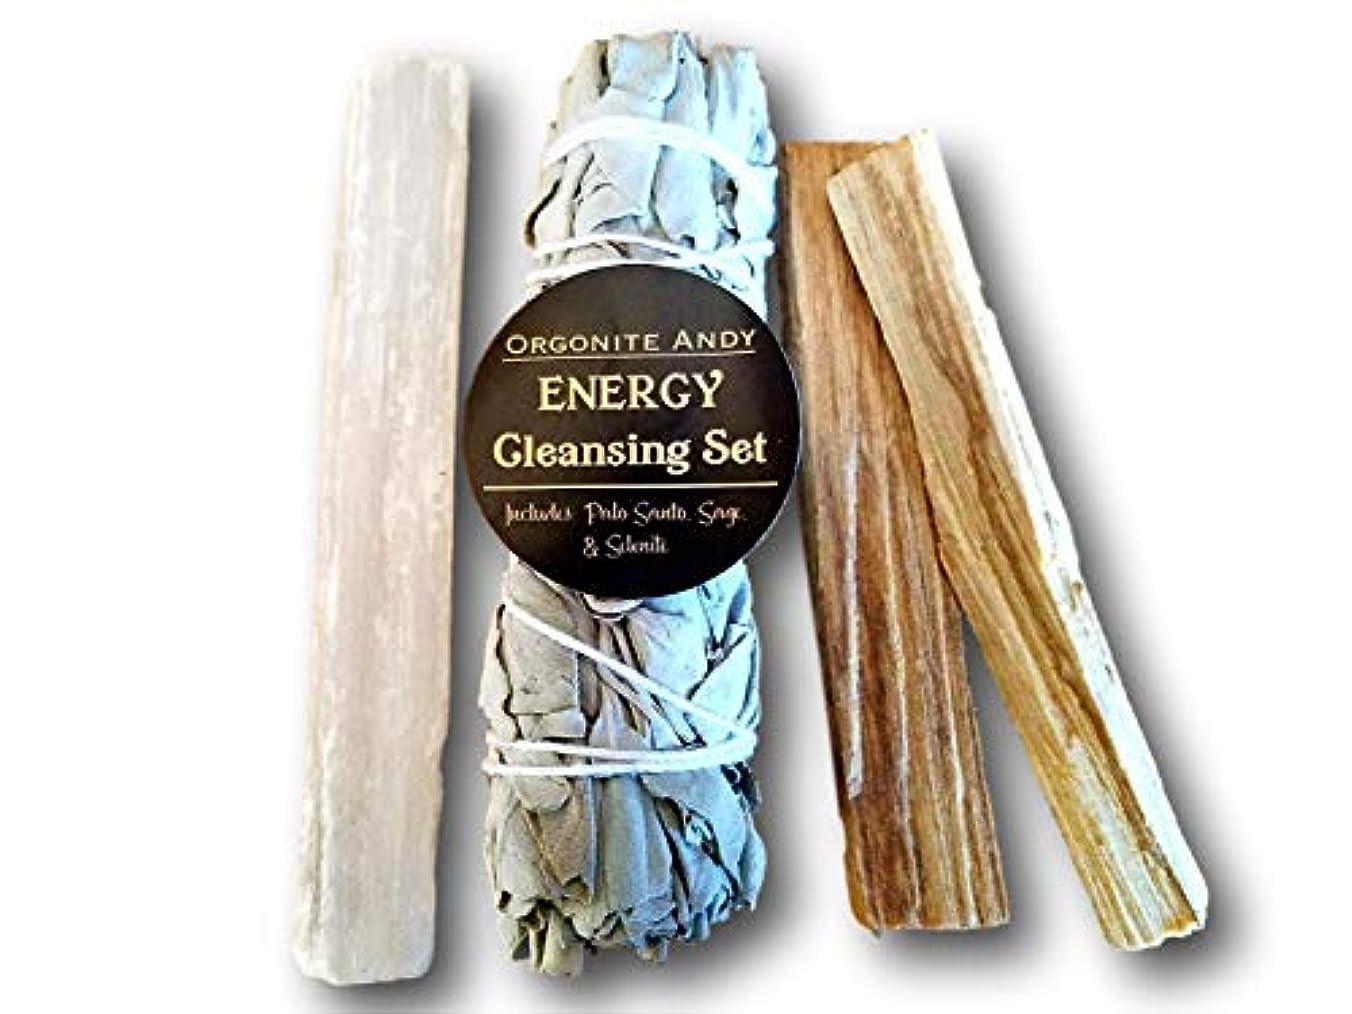 再現する本質的に退屈ogoniteアンディ?エネルギークレンジングセット – カリフォルニアホワイトセージバンドル、2 Palo Santoスティック、Raw砂漠のクリスタルWand – Smudgeキット – Natural Herbal...